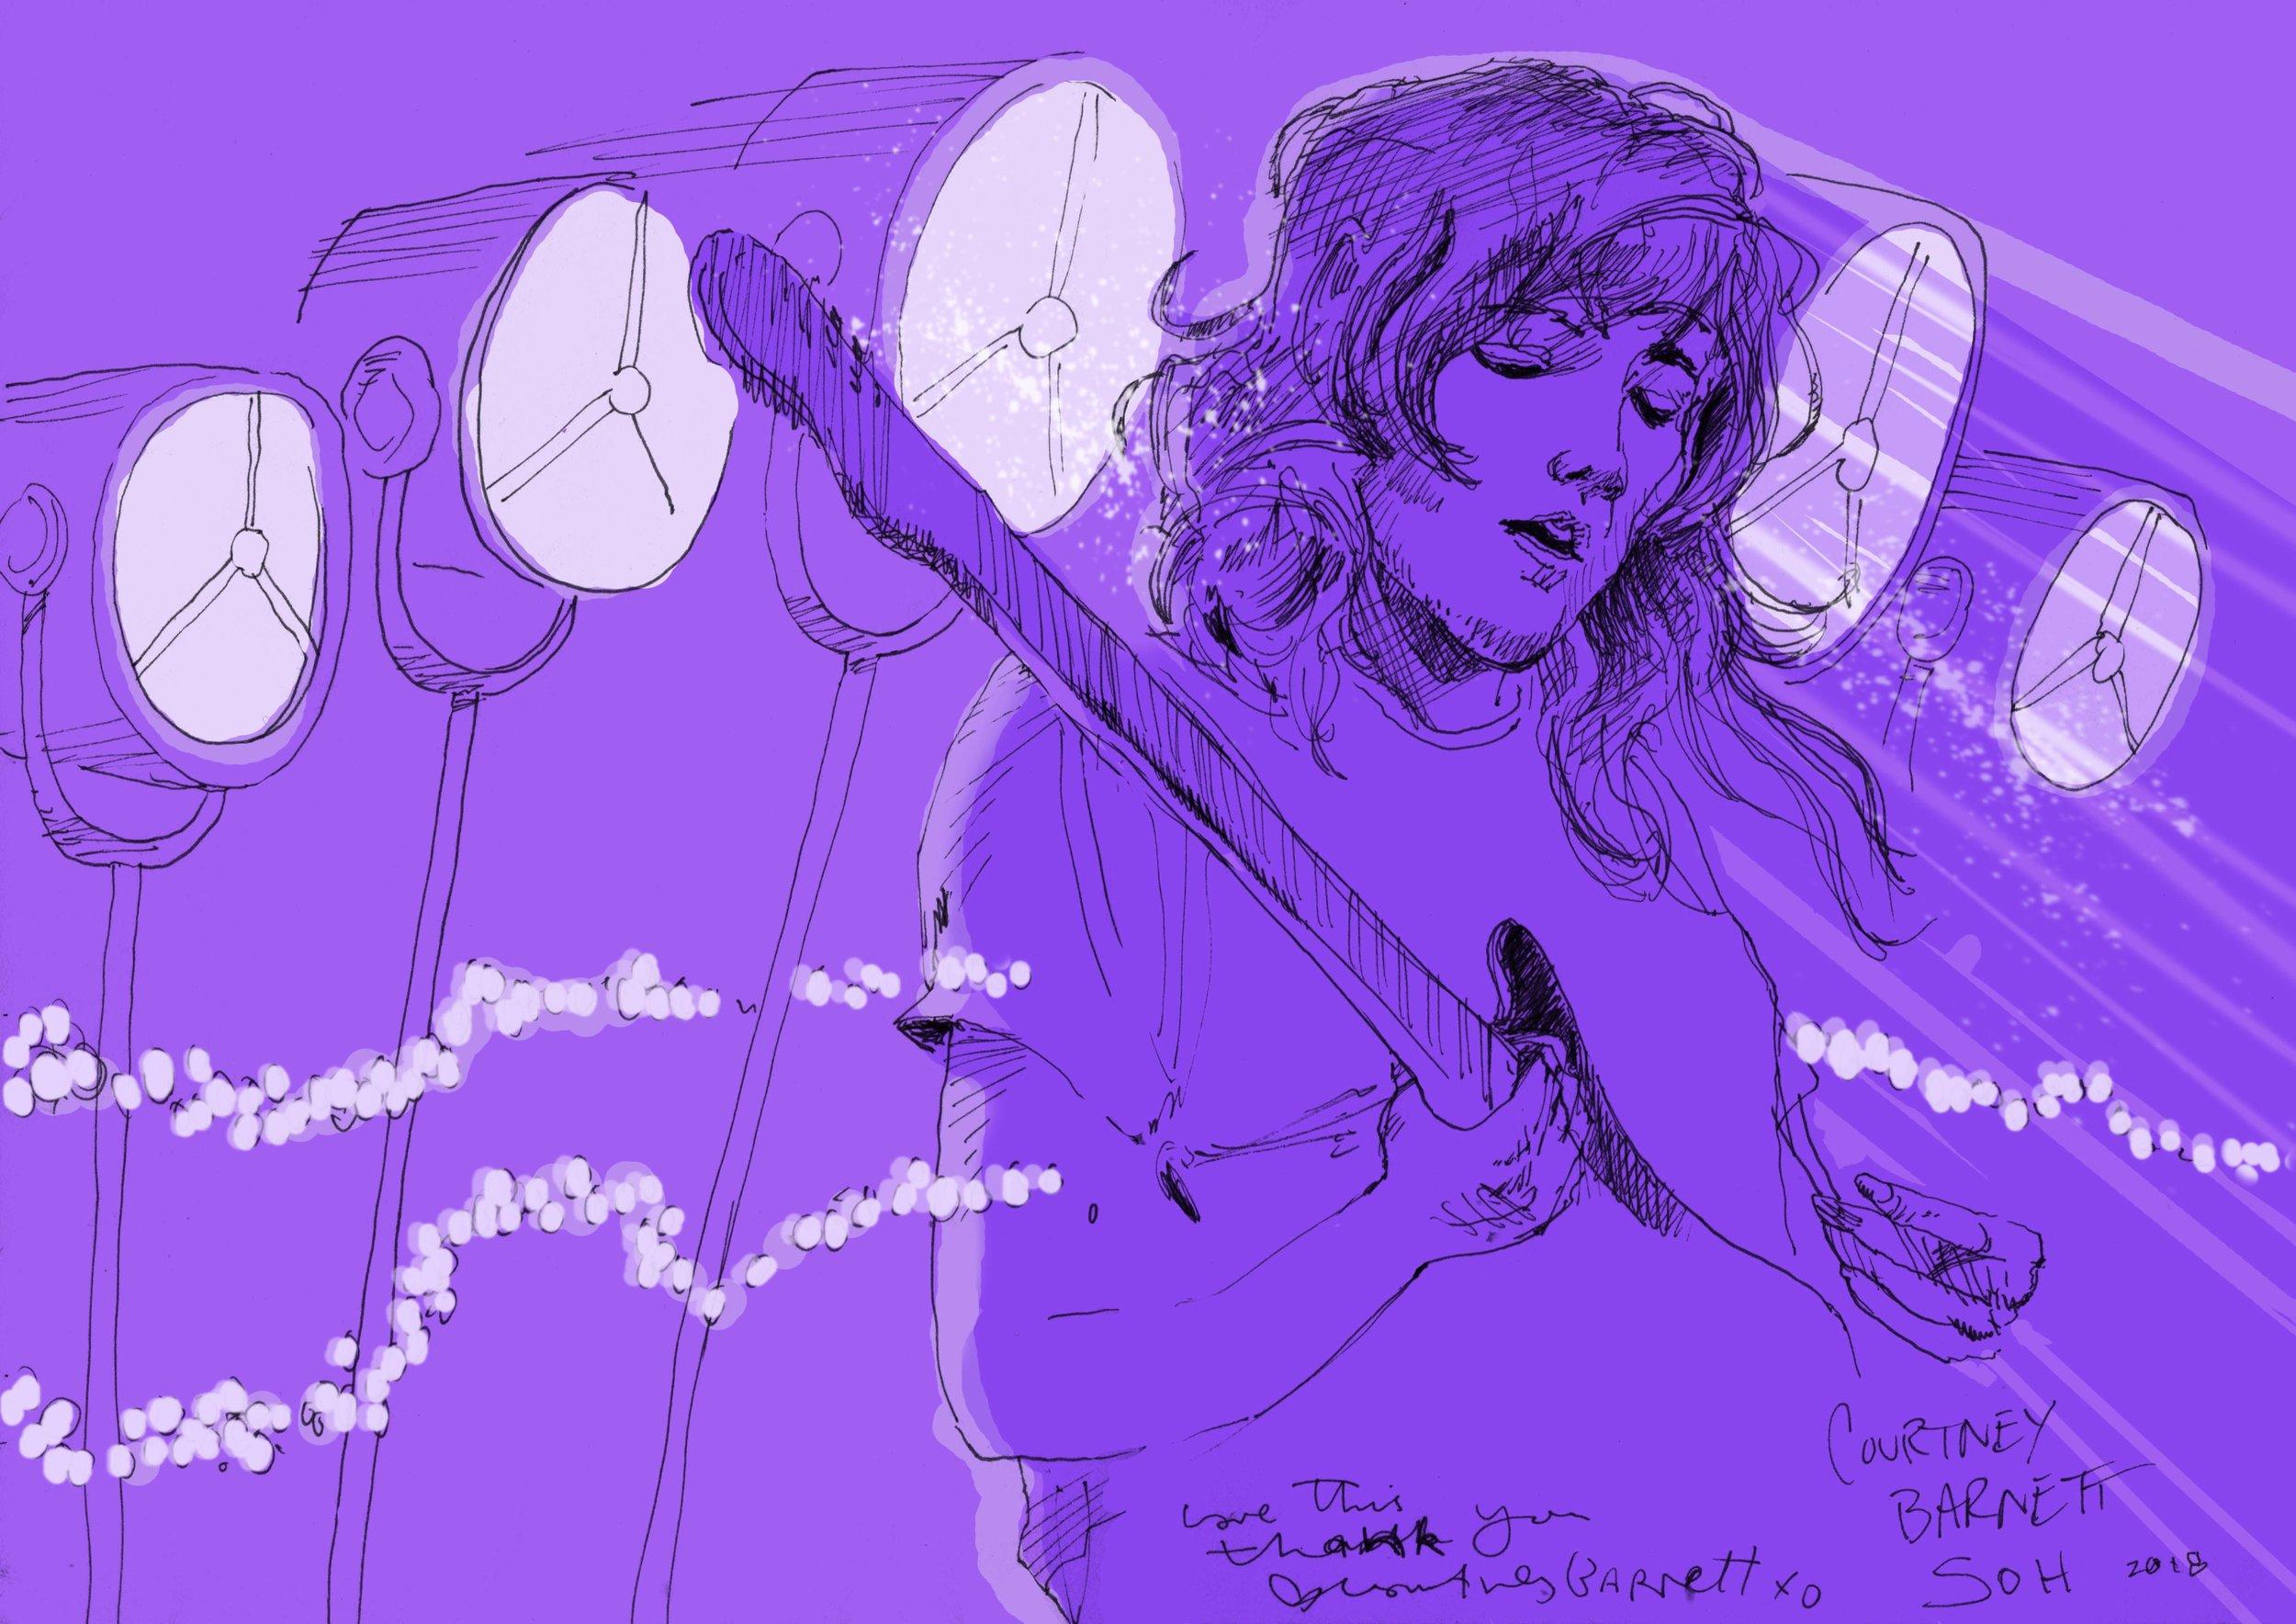 courtney barnett live sketch illustration.jpg